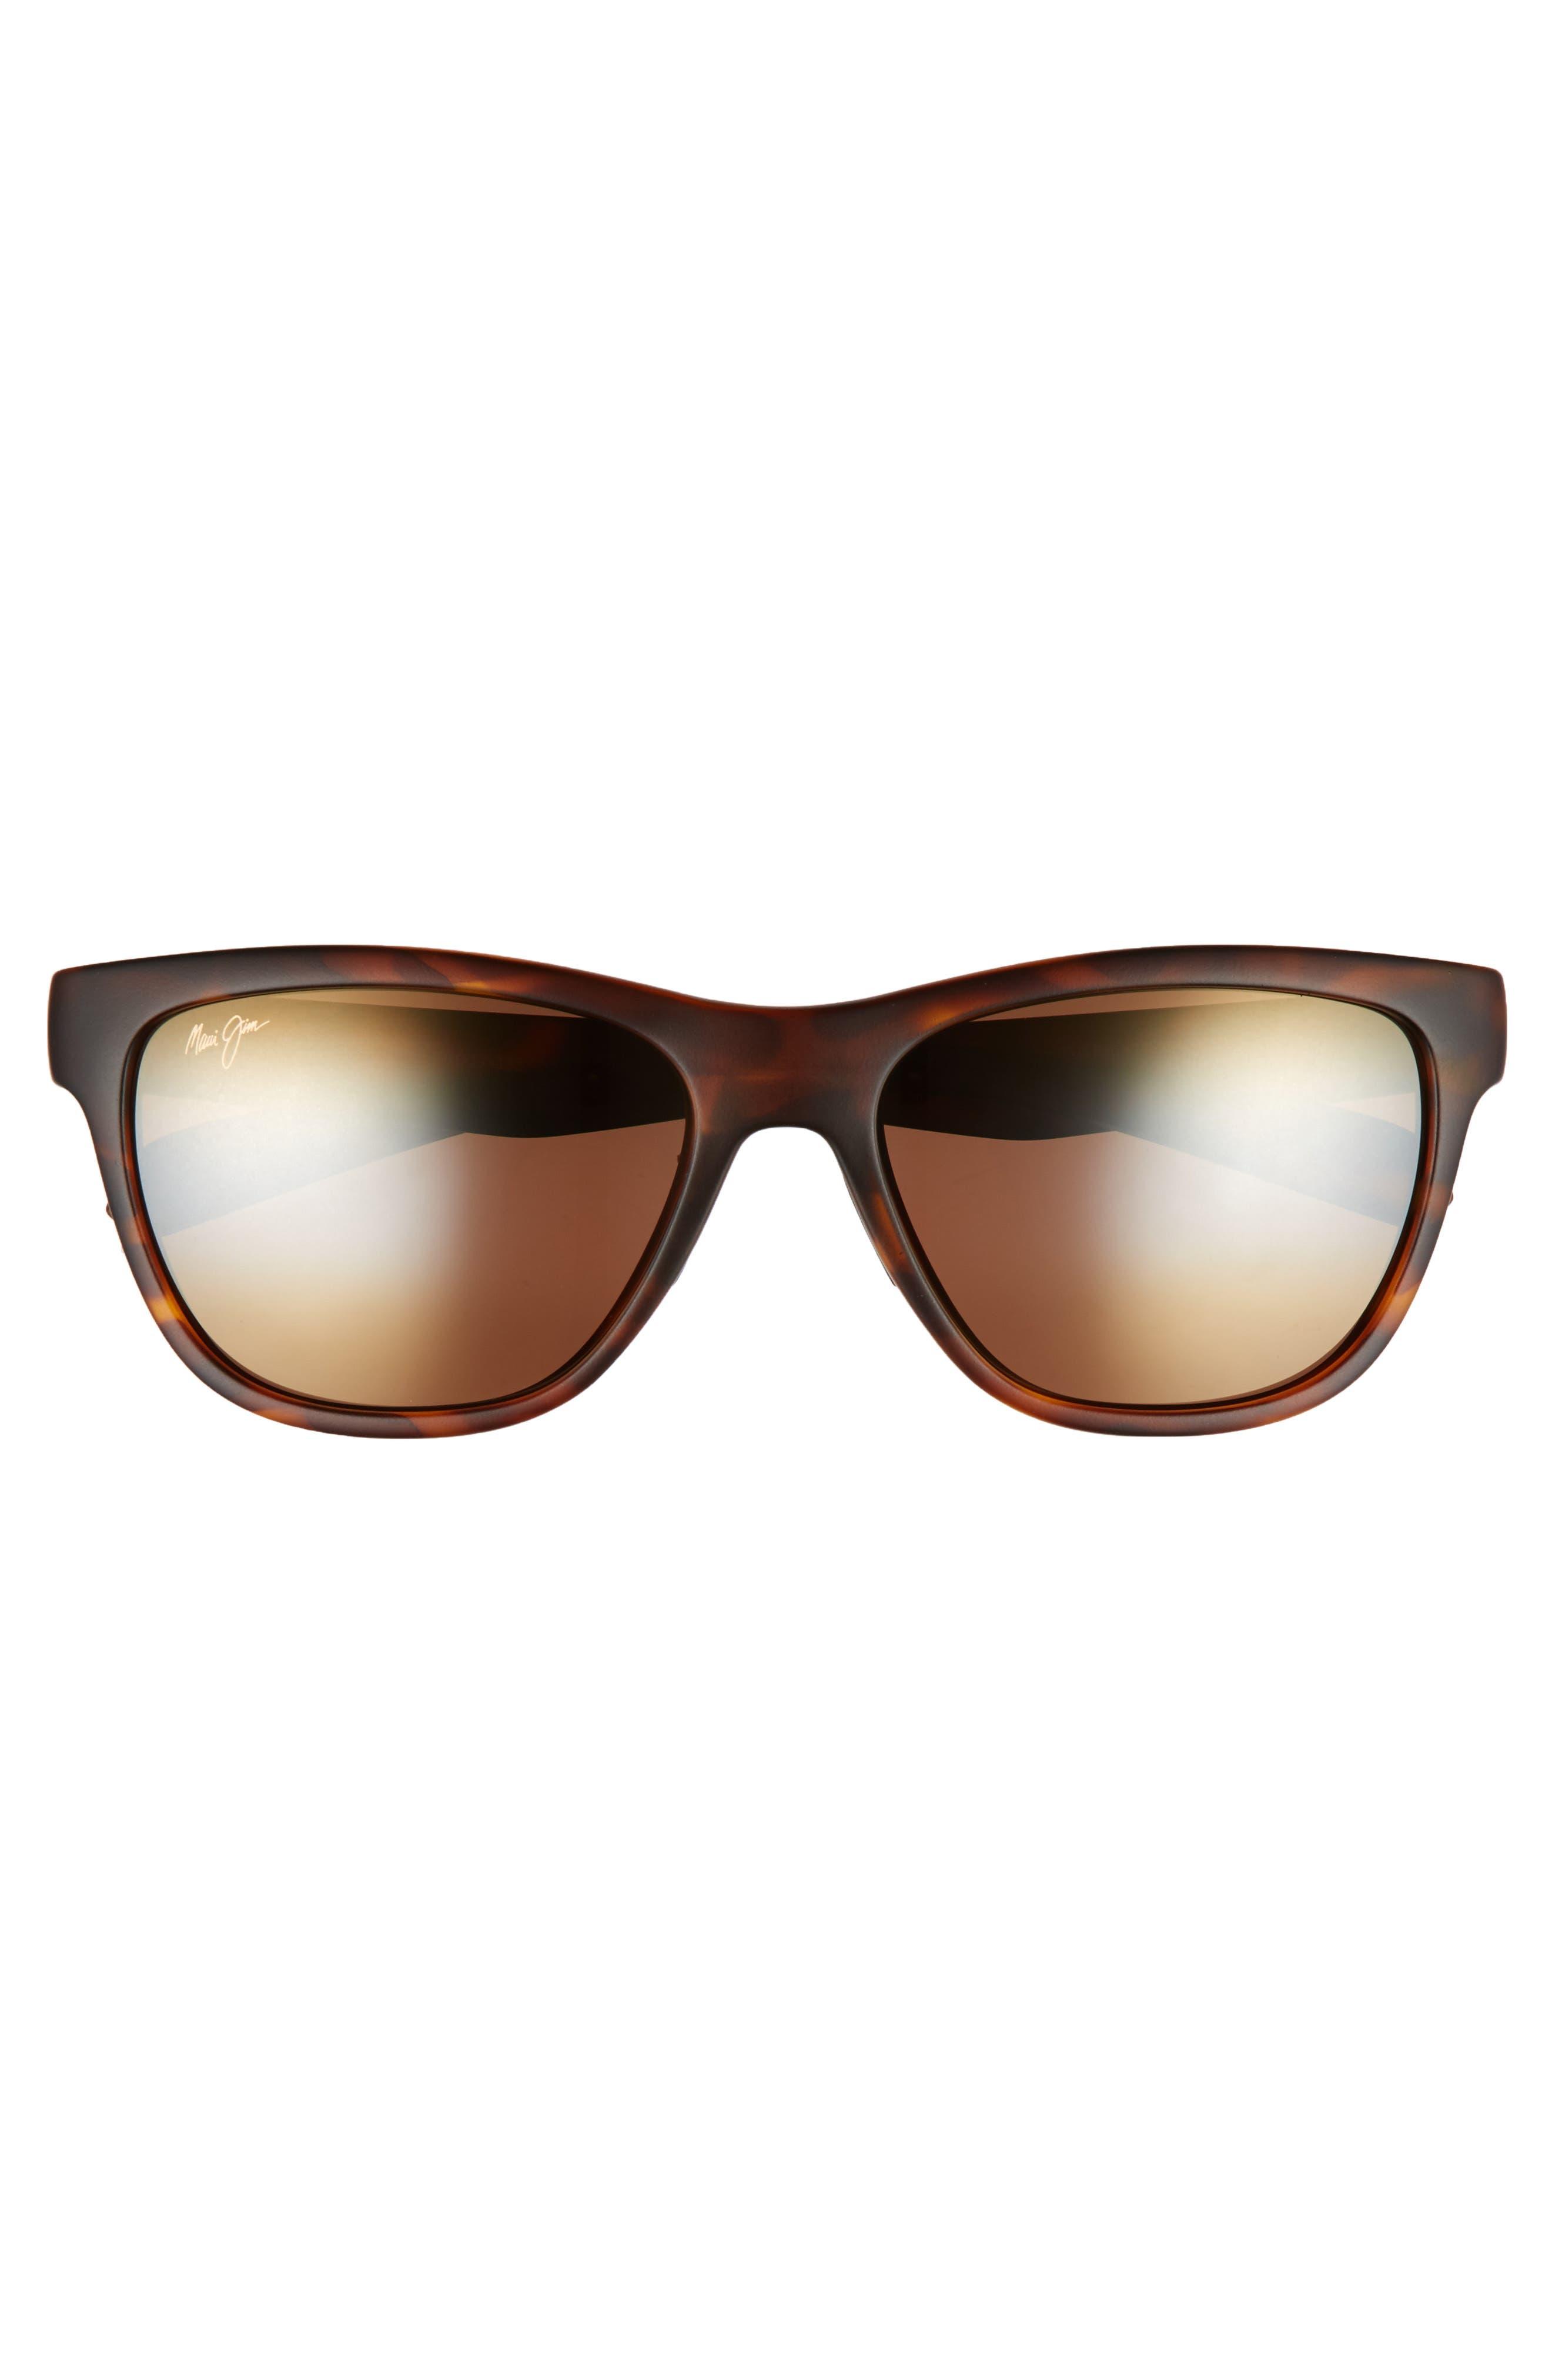 Secrets 56mm PolarizedPlus2<sup>®</sup> Sunglasses,                             Alternate thumbnail 3, color,                             MATTE TORTOISE/ BRONZE